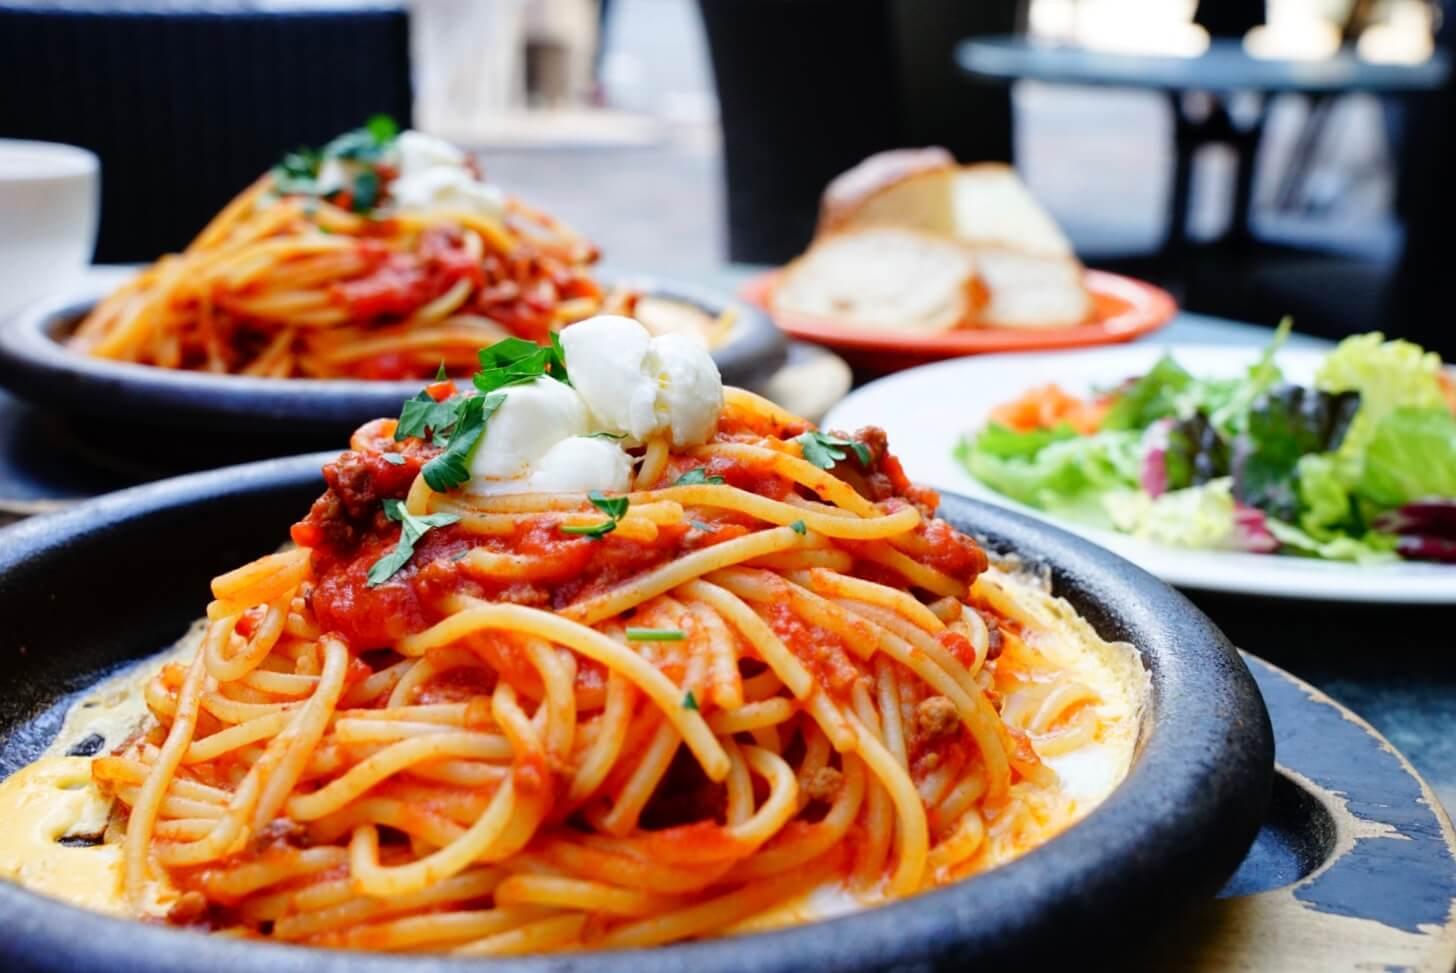 【赤坂ランチ / Lunch in Akasaka】b&rの鉄板ボロネーゼ / Spaghetti Bolognese on an Iron Plate